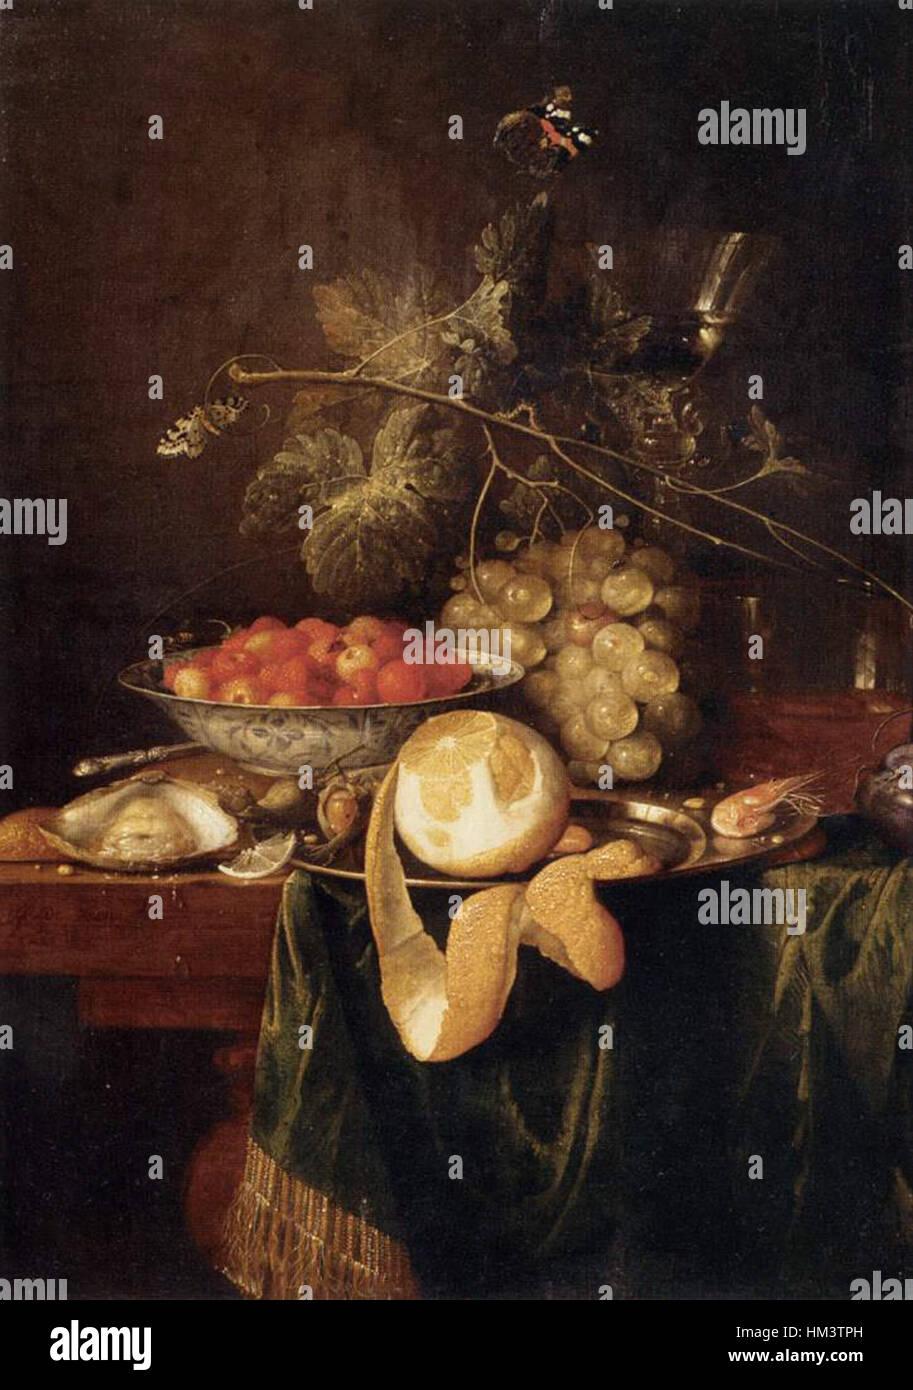 Jan Davidsz. De Heem - Still-Life avec un citron Pelé - WGA11270 Banque D'Images